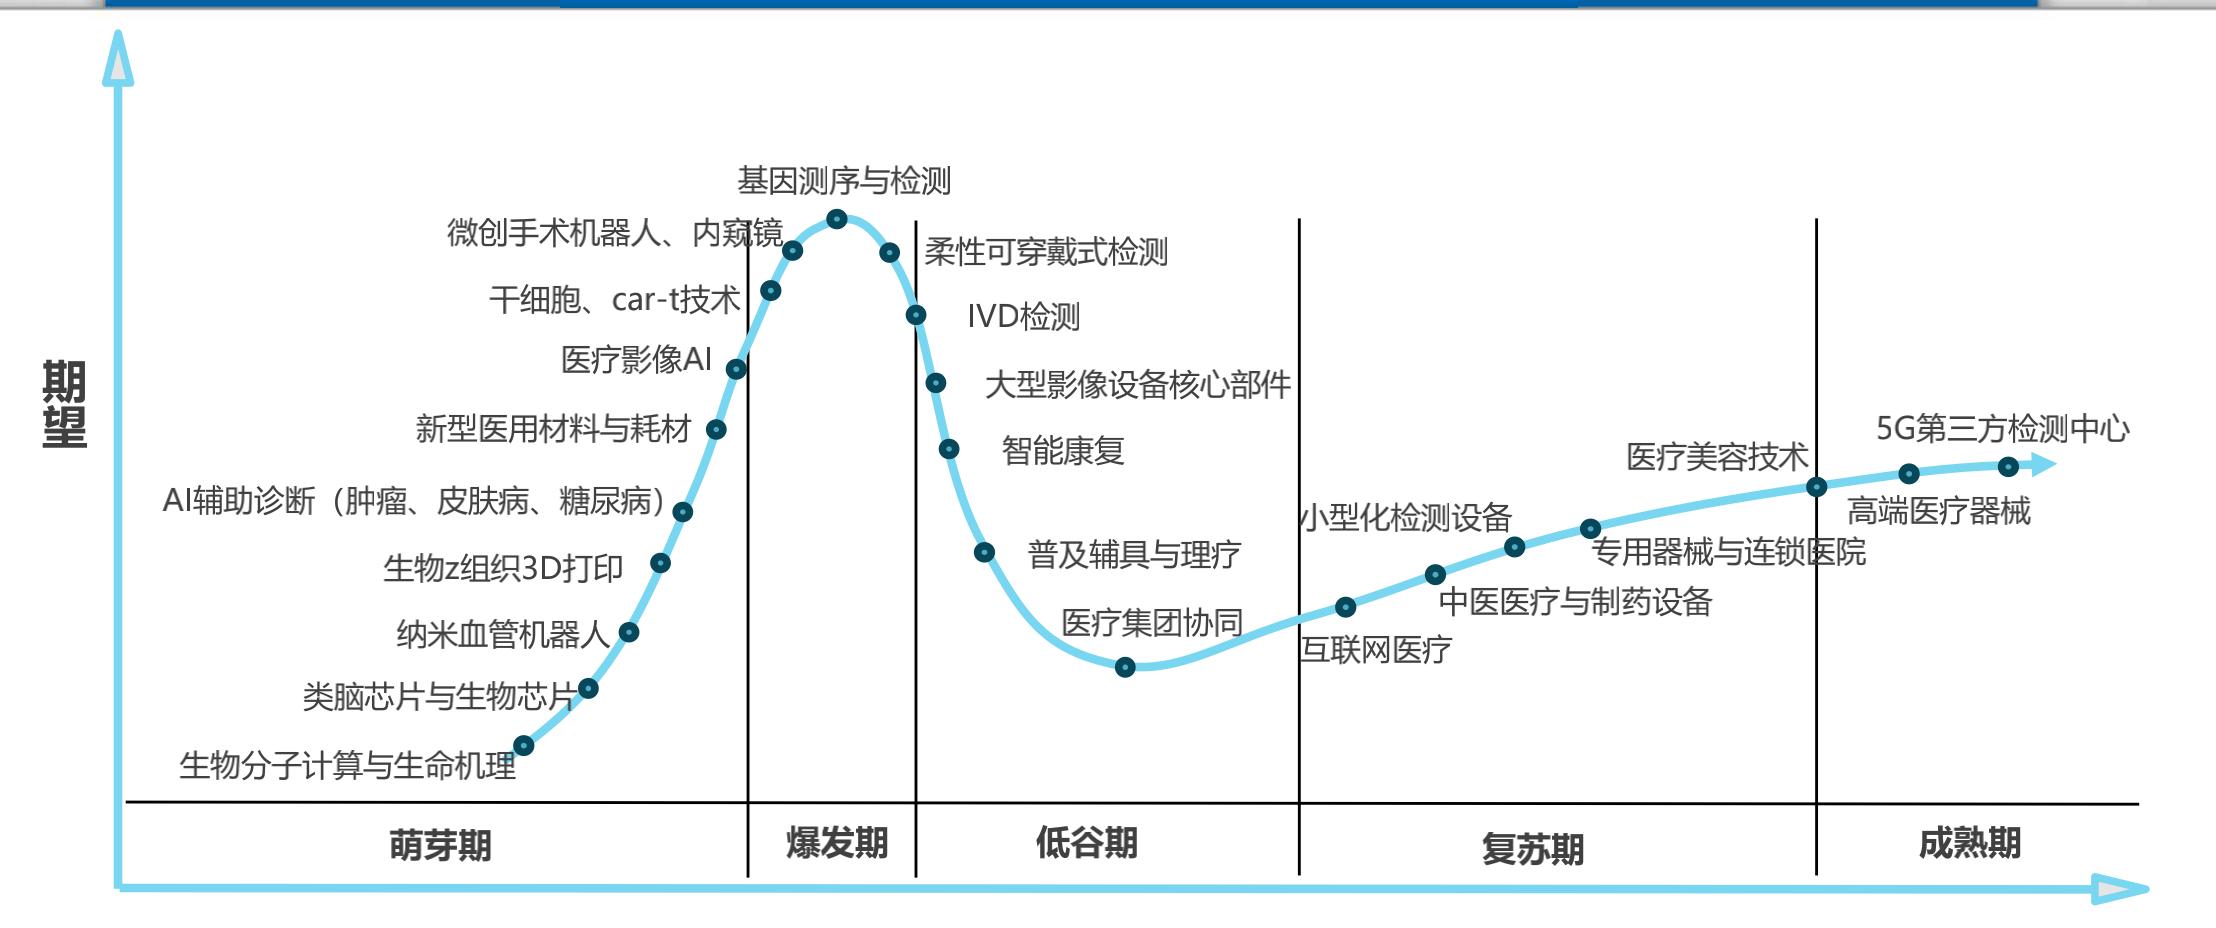 為中國醫療健康產業護航